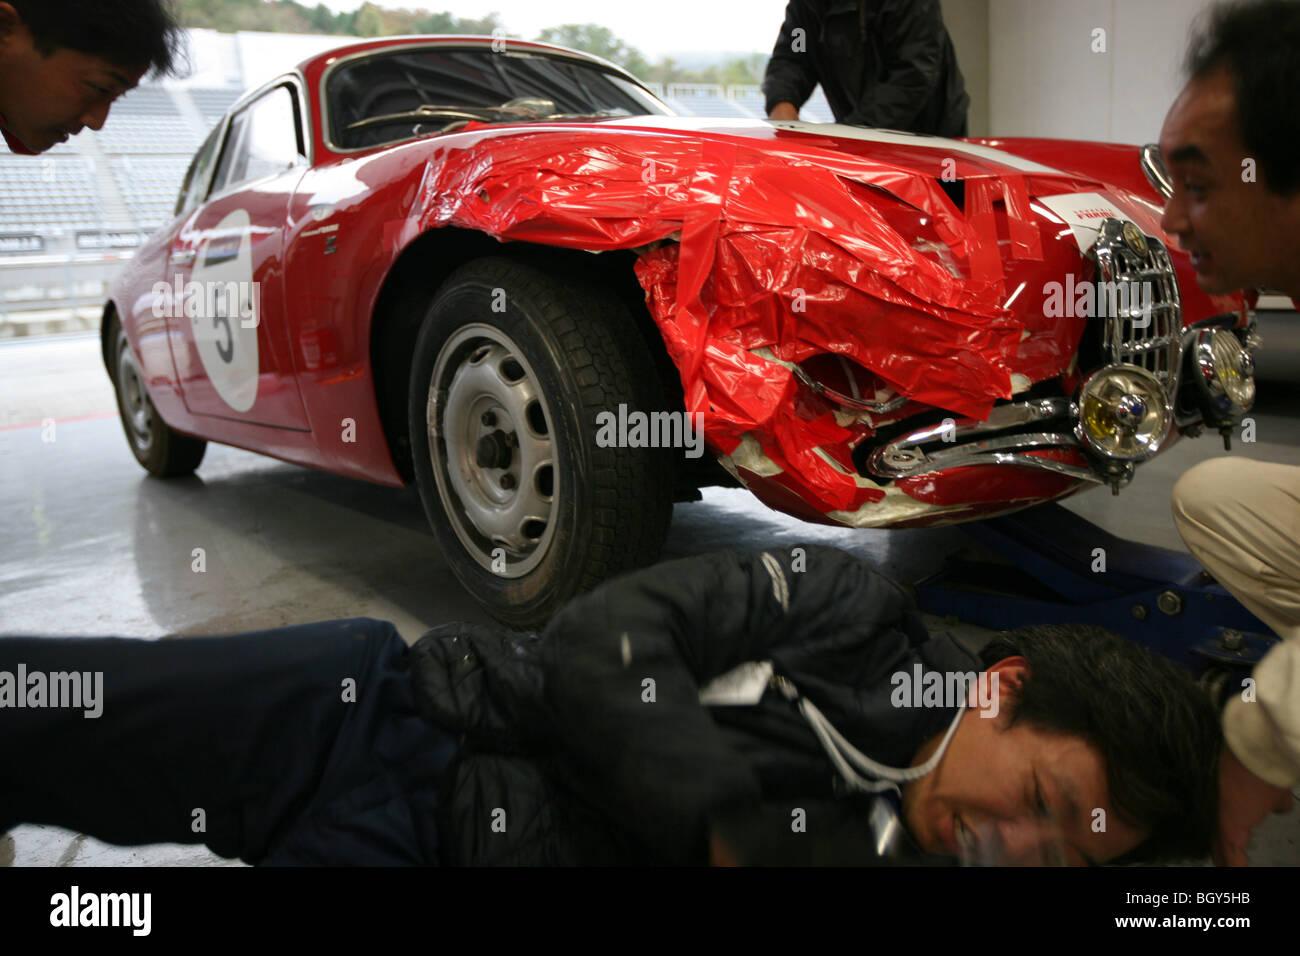 1957 Alfa Romeo Giulietta SVZ, beschädigt und bekommt eine Notfallreparatur, seine Flügel. Le Mans Classic Stockbild